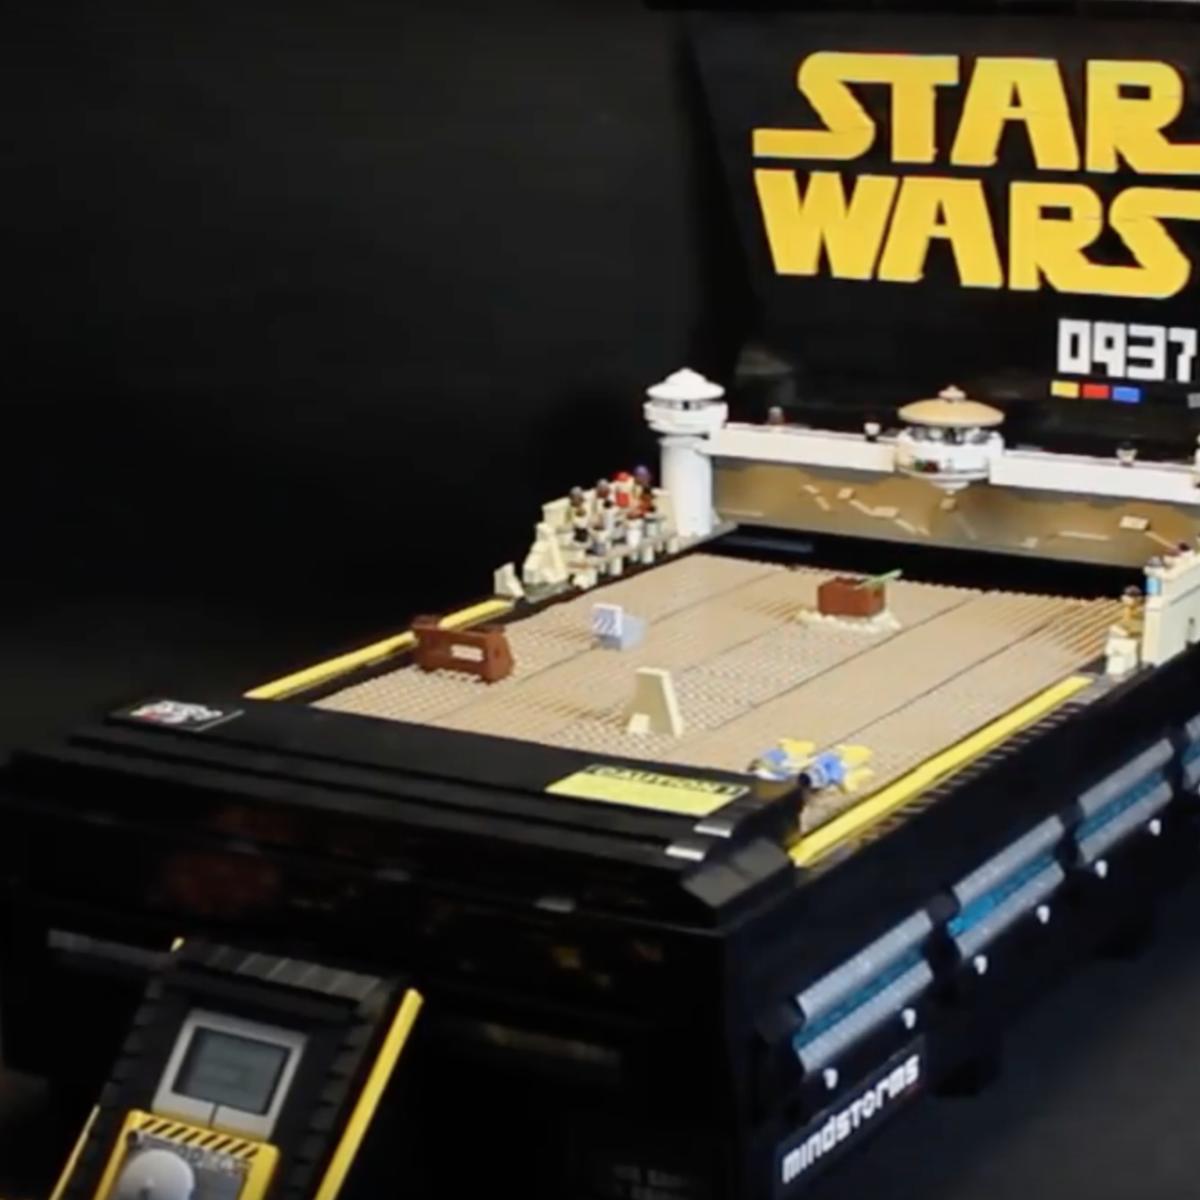 Star Wars- Lego podrace tabletop game